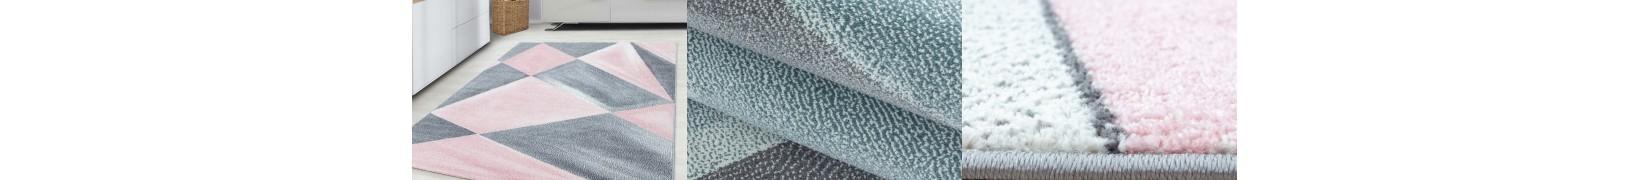 Modne, nowoczesne dywany pokojowe. Kolekcja Betar - Hit!